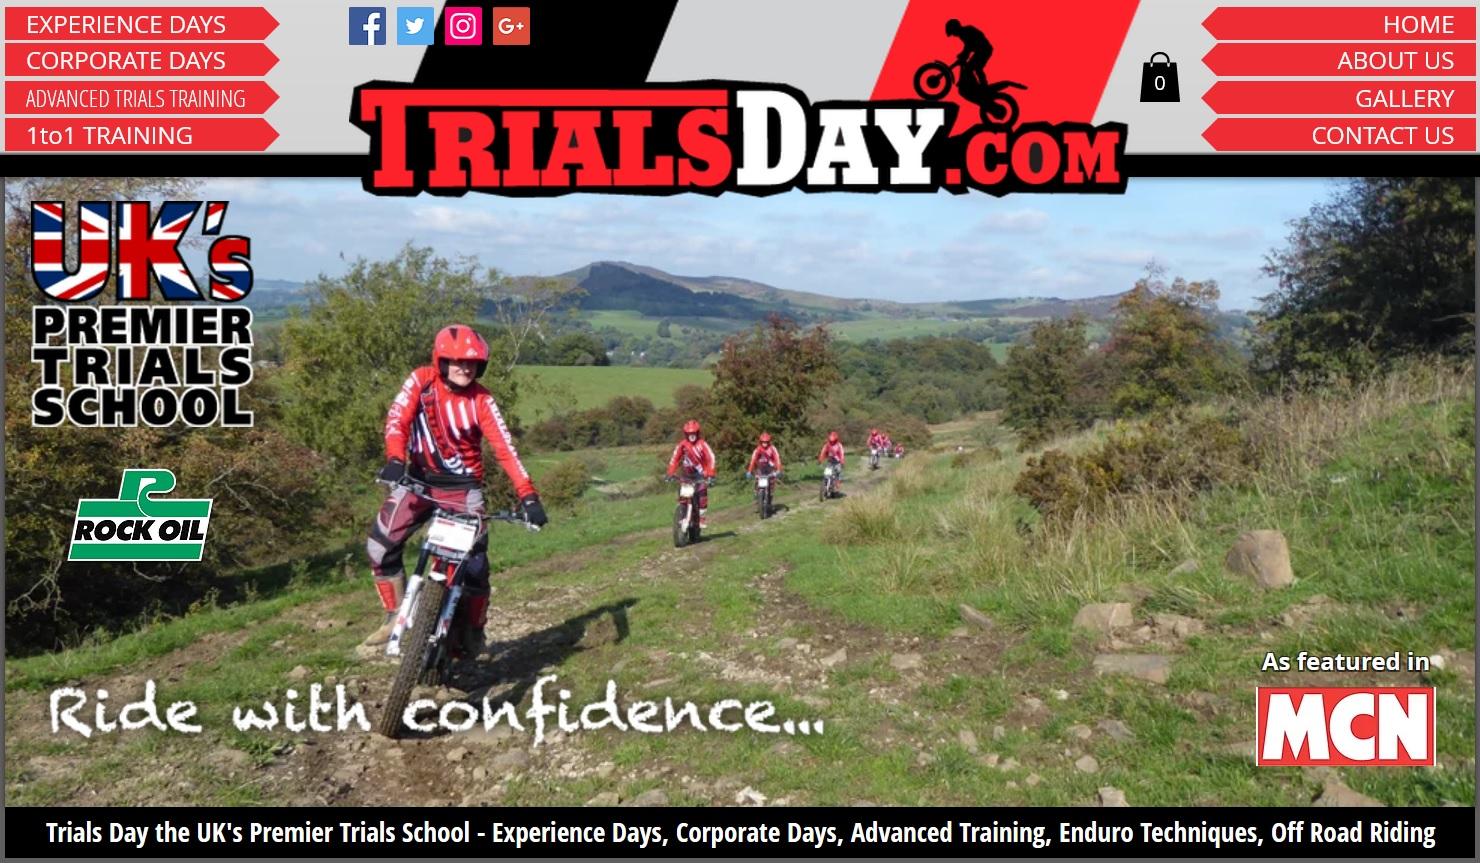 TrialsDay